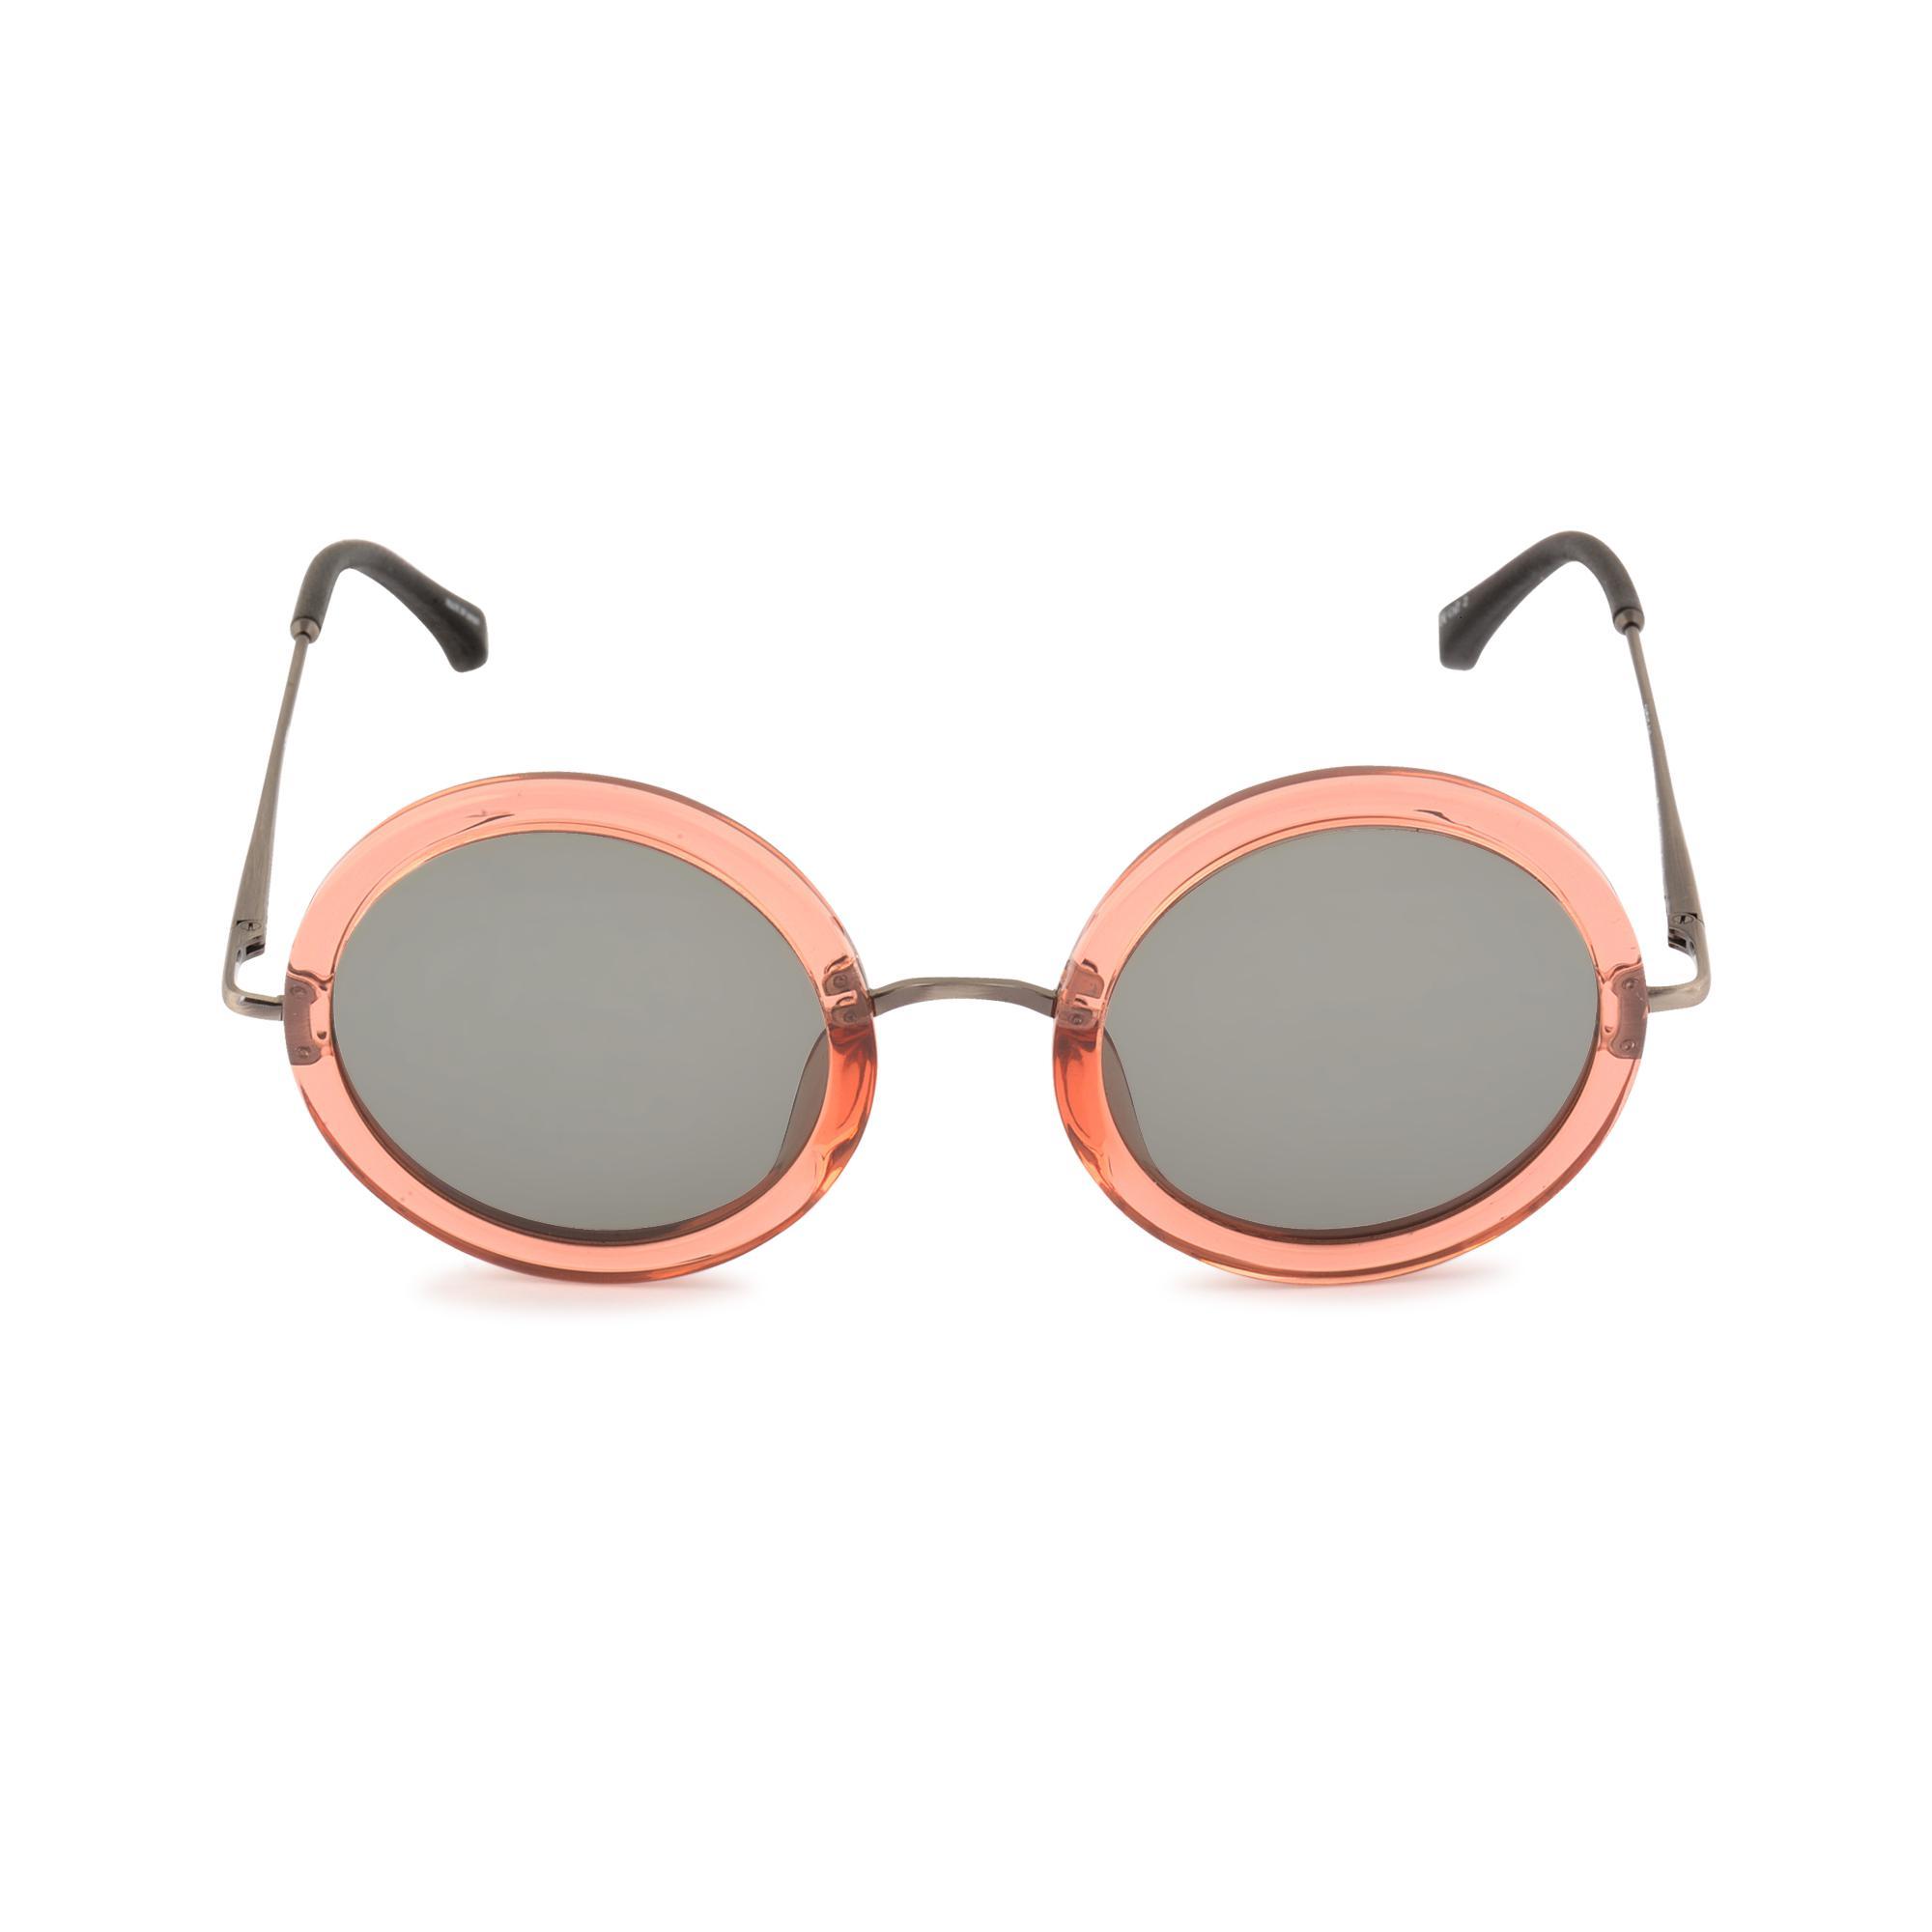 ROW8C4 Sunglasses The Row Gcrgh